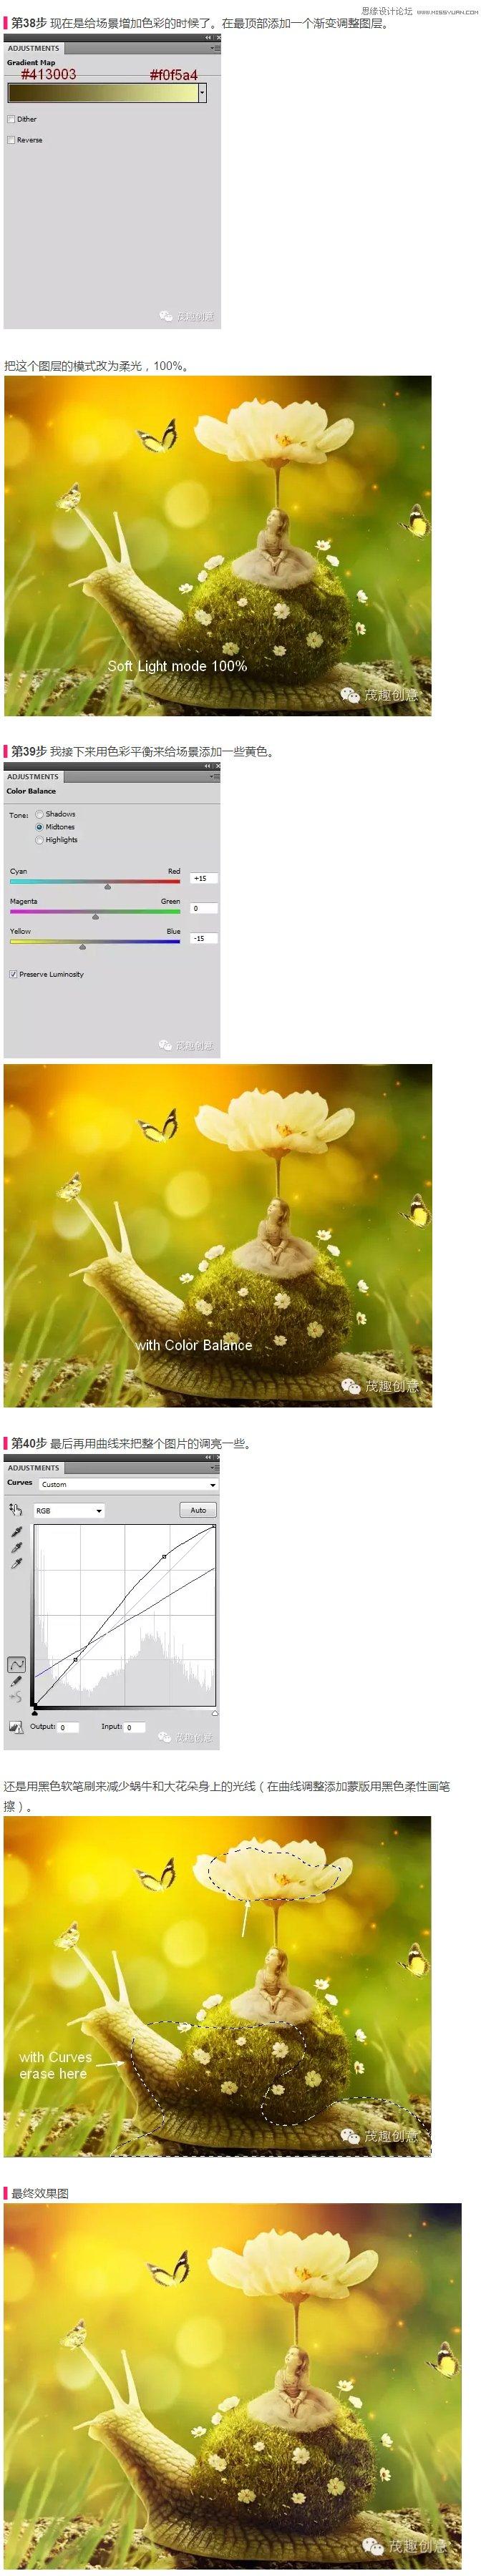 Photoshop合成小女孩儿骑着蜗牛的梦幻场景